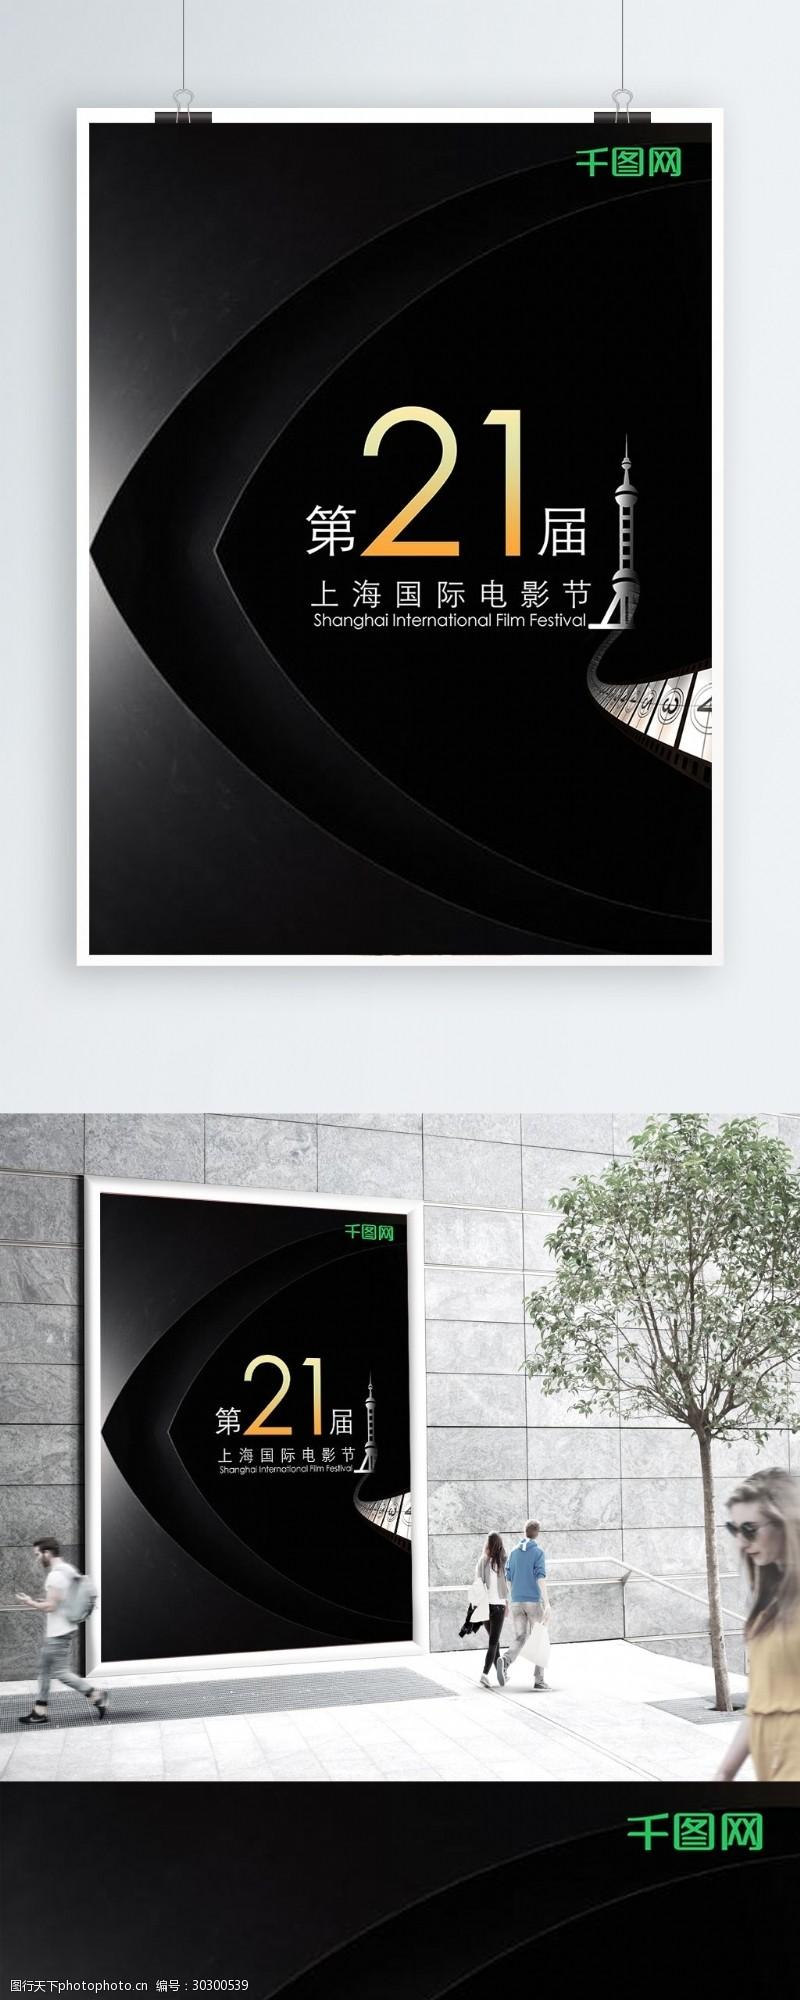 上海电影节海报电影上海节日海报